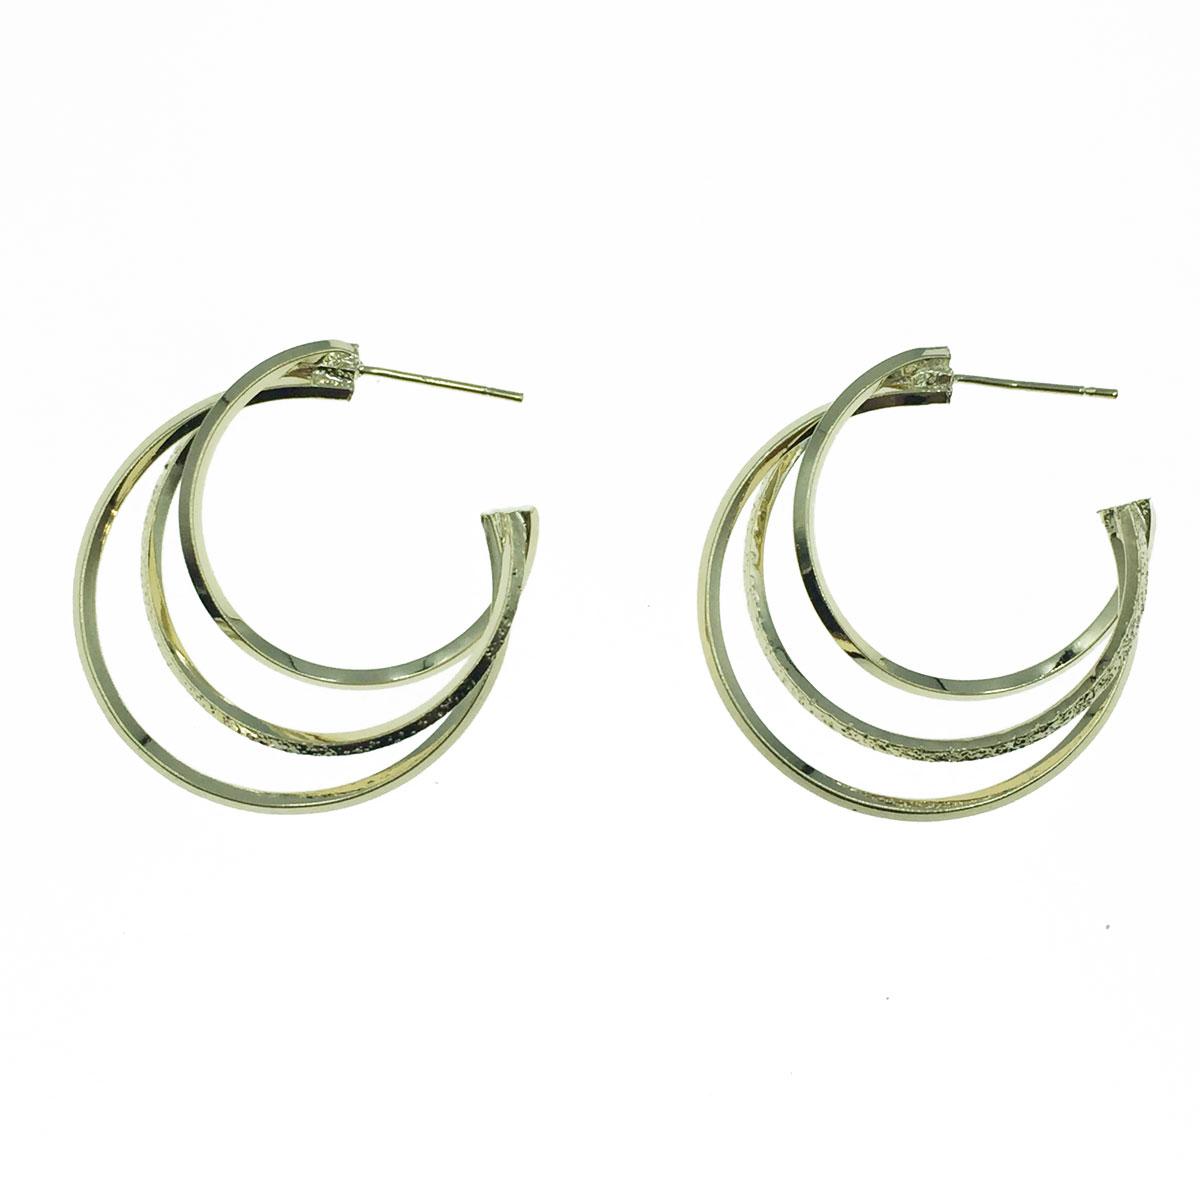 韓國 925純銀 不規則線條 C型 垂墜感 耳針式耳環